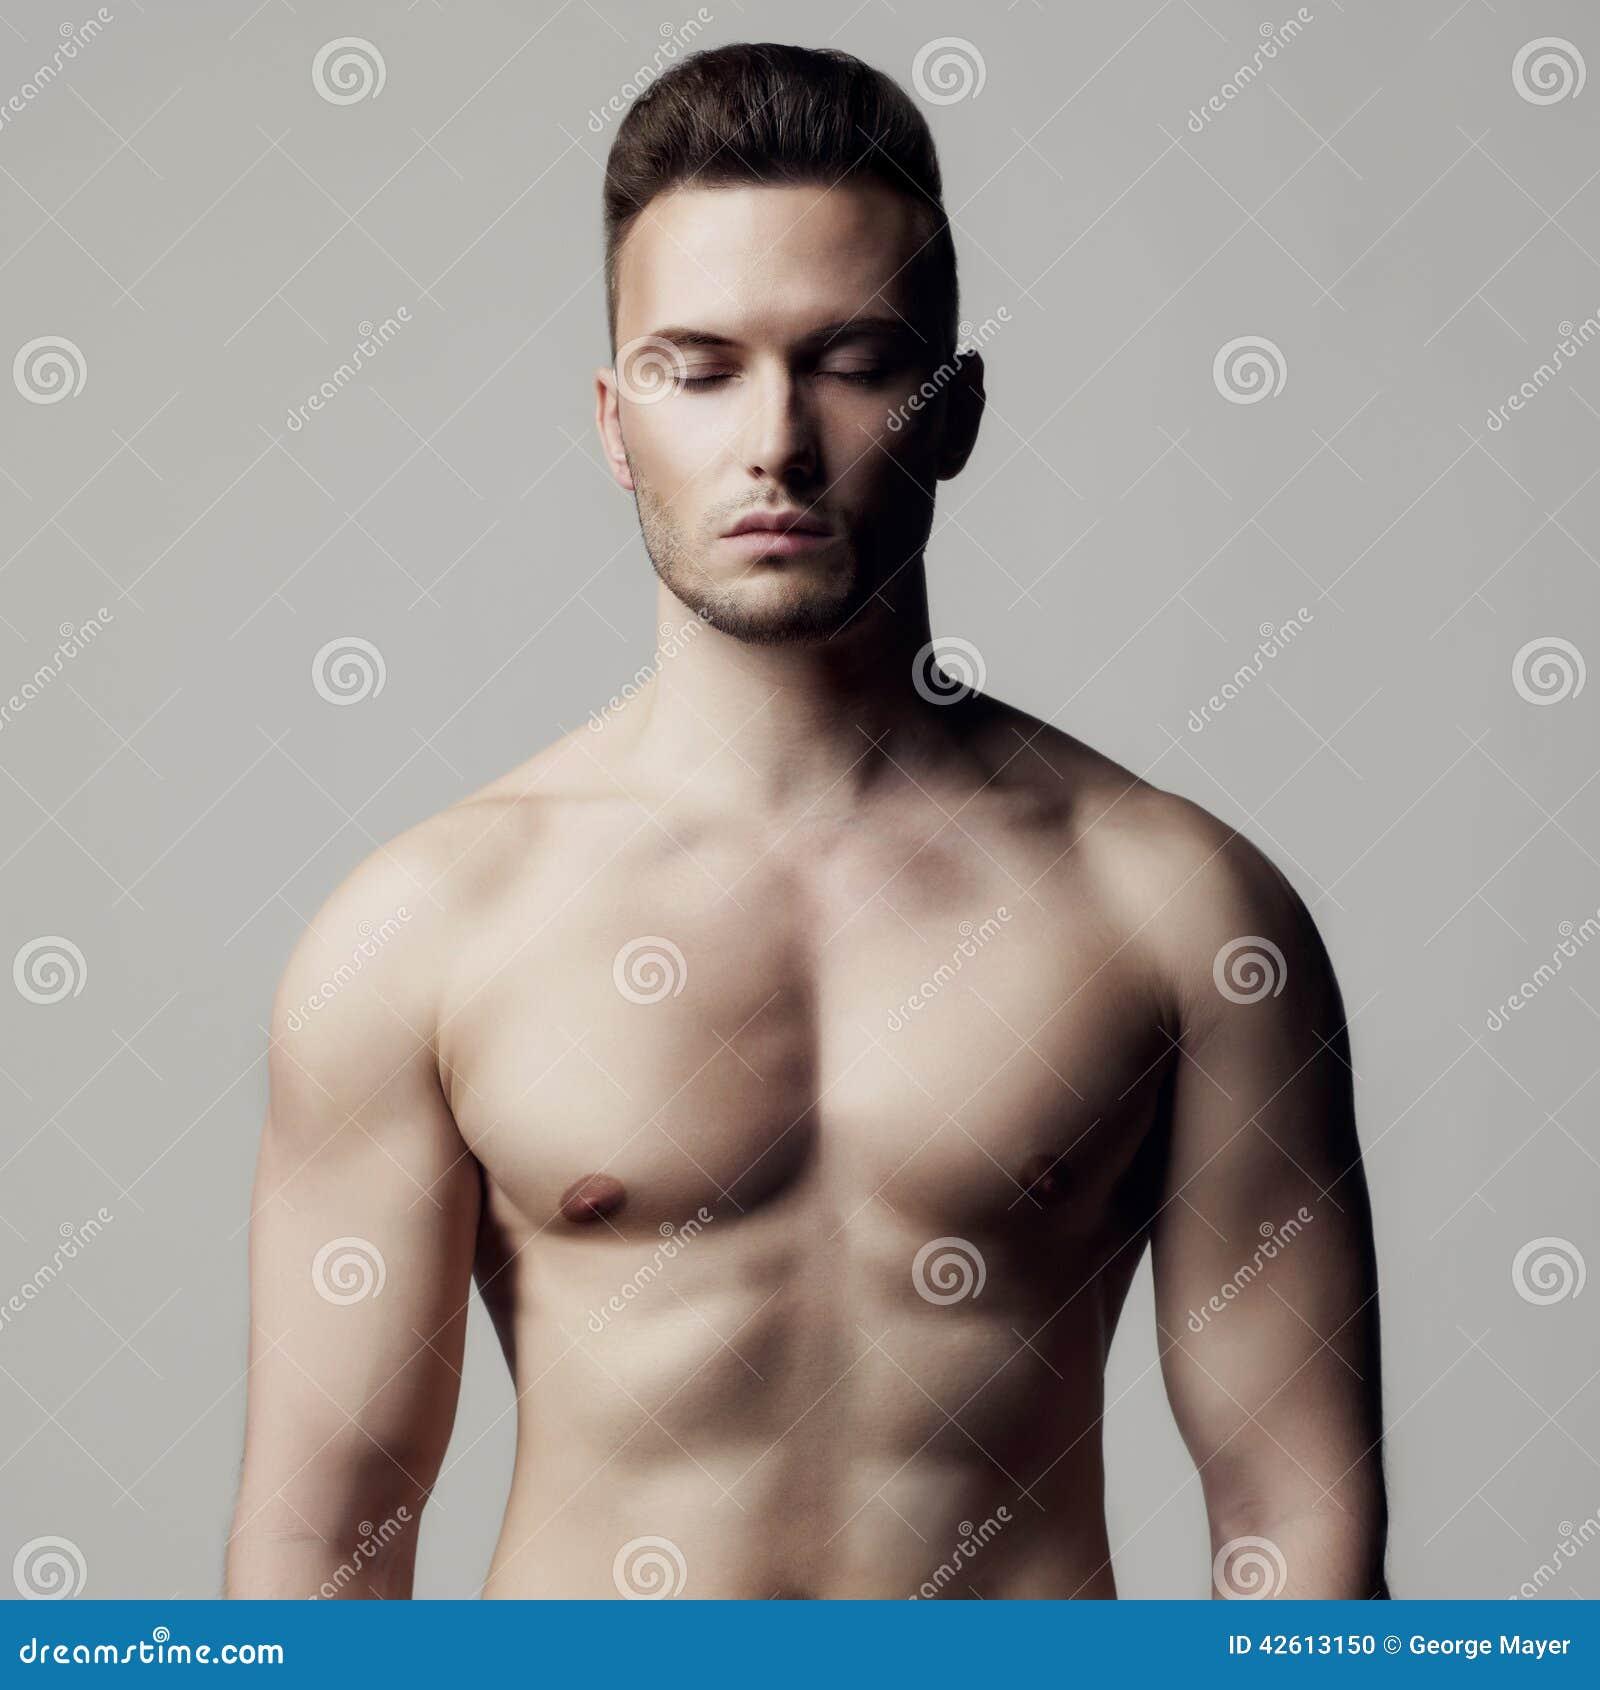 Γυμνό αρσενικό μοντέλο φωτογραφίες